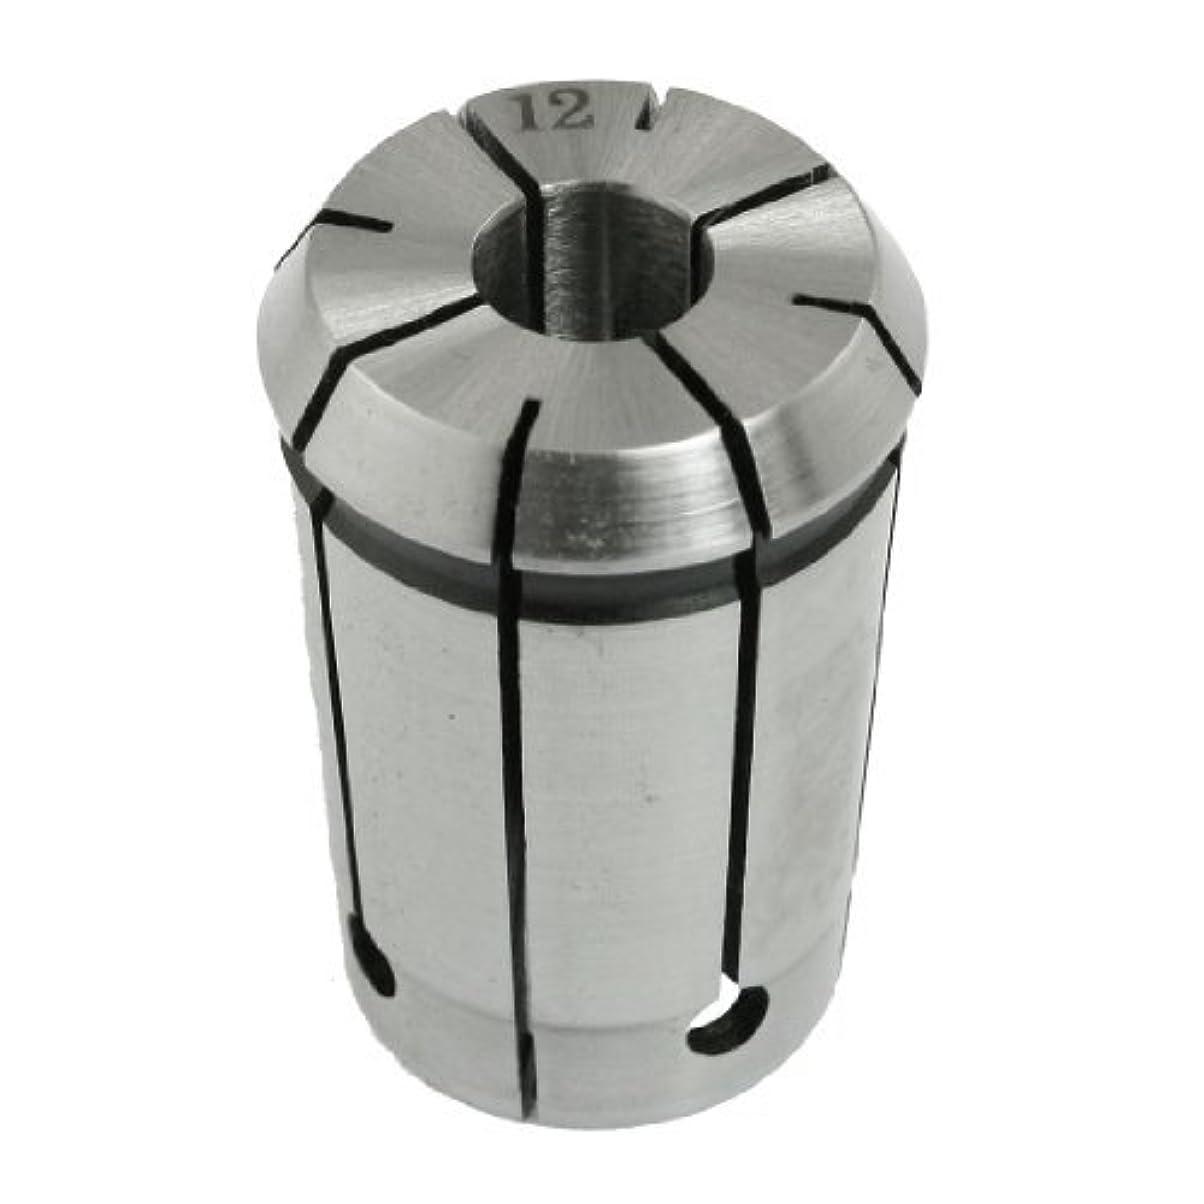 光ジャンプ使用法0.47「ダイヤフライス工具チャック?ステンレス鋼製スプリングアクションコレット